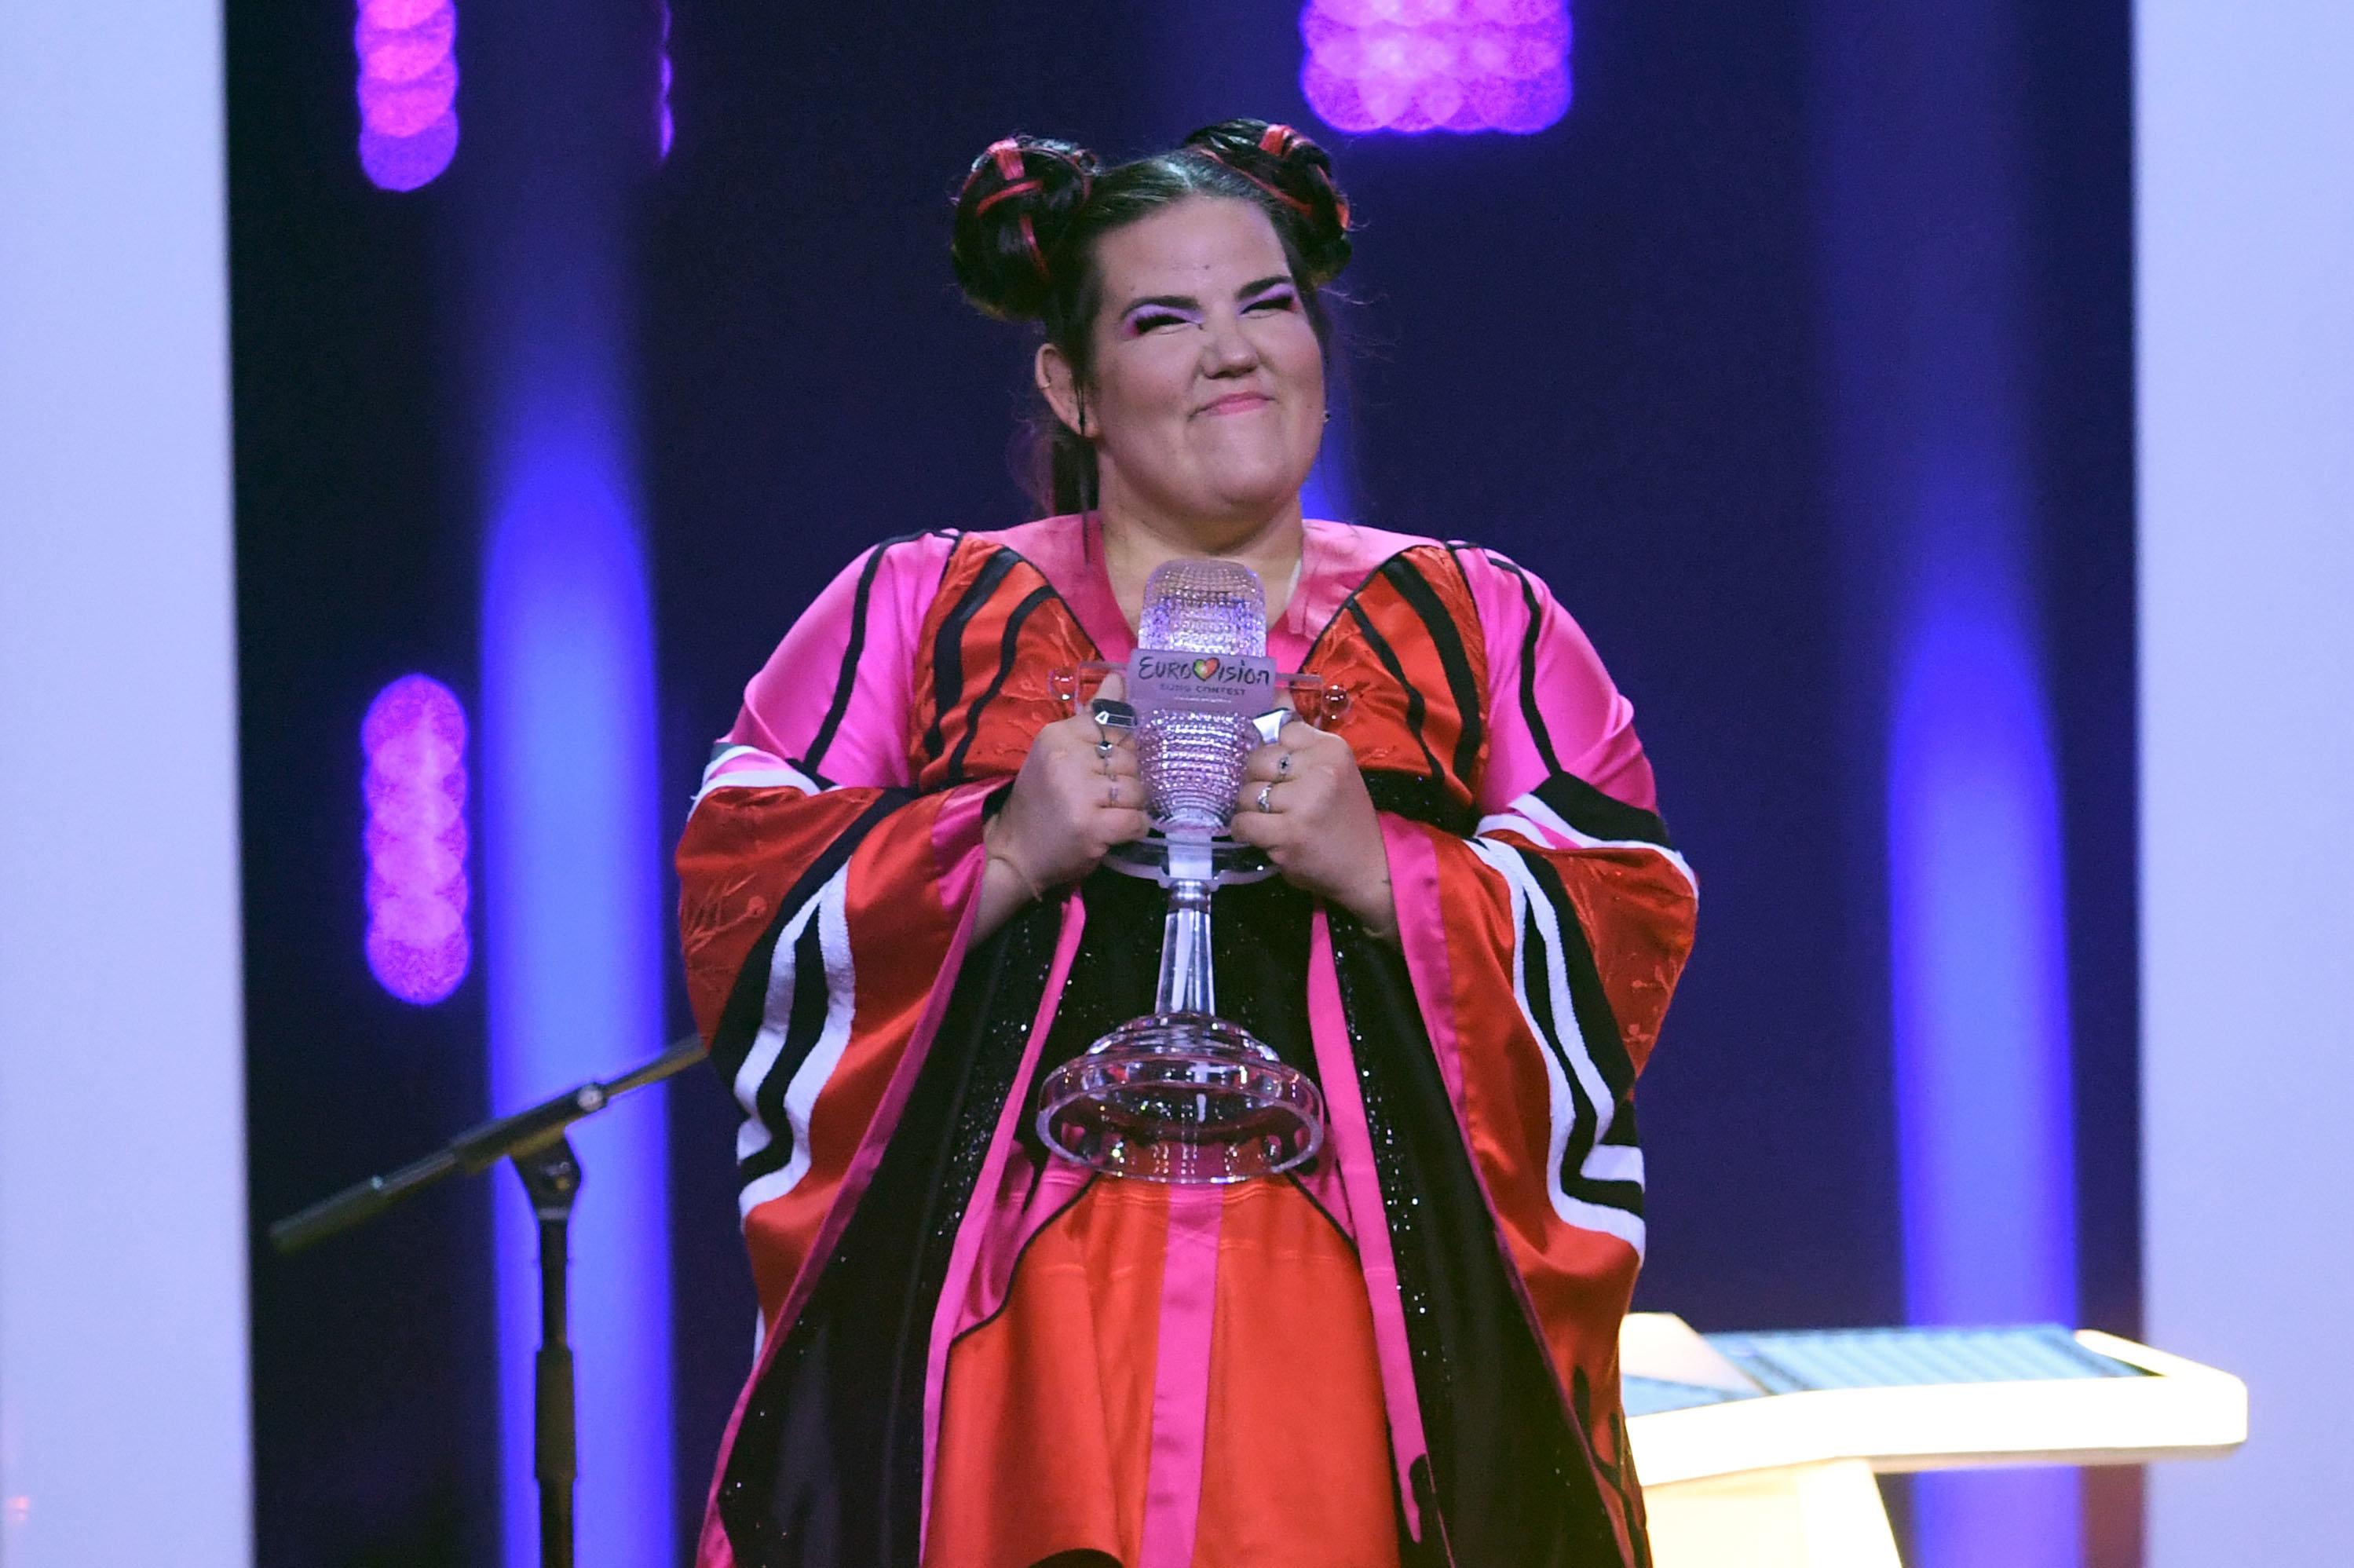 Η νικήτρια της Eurovision κατηγορείται για την εμφάνισή της στο διαγωνισμό επειδή...«δεν θυμίζει